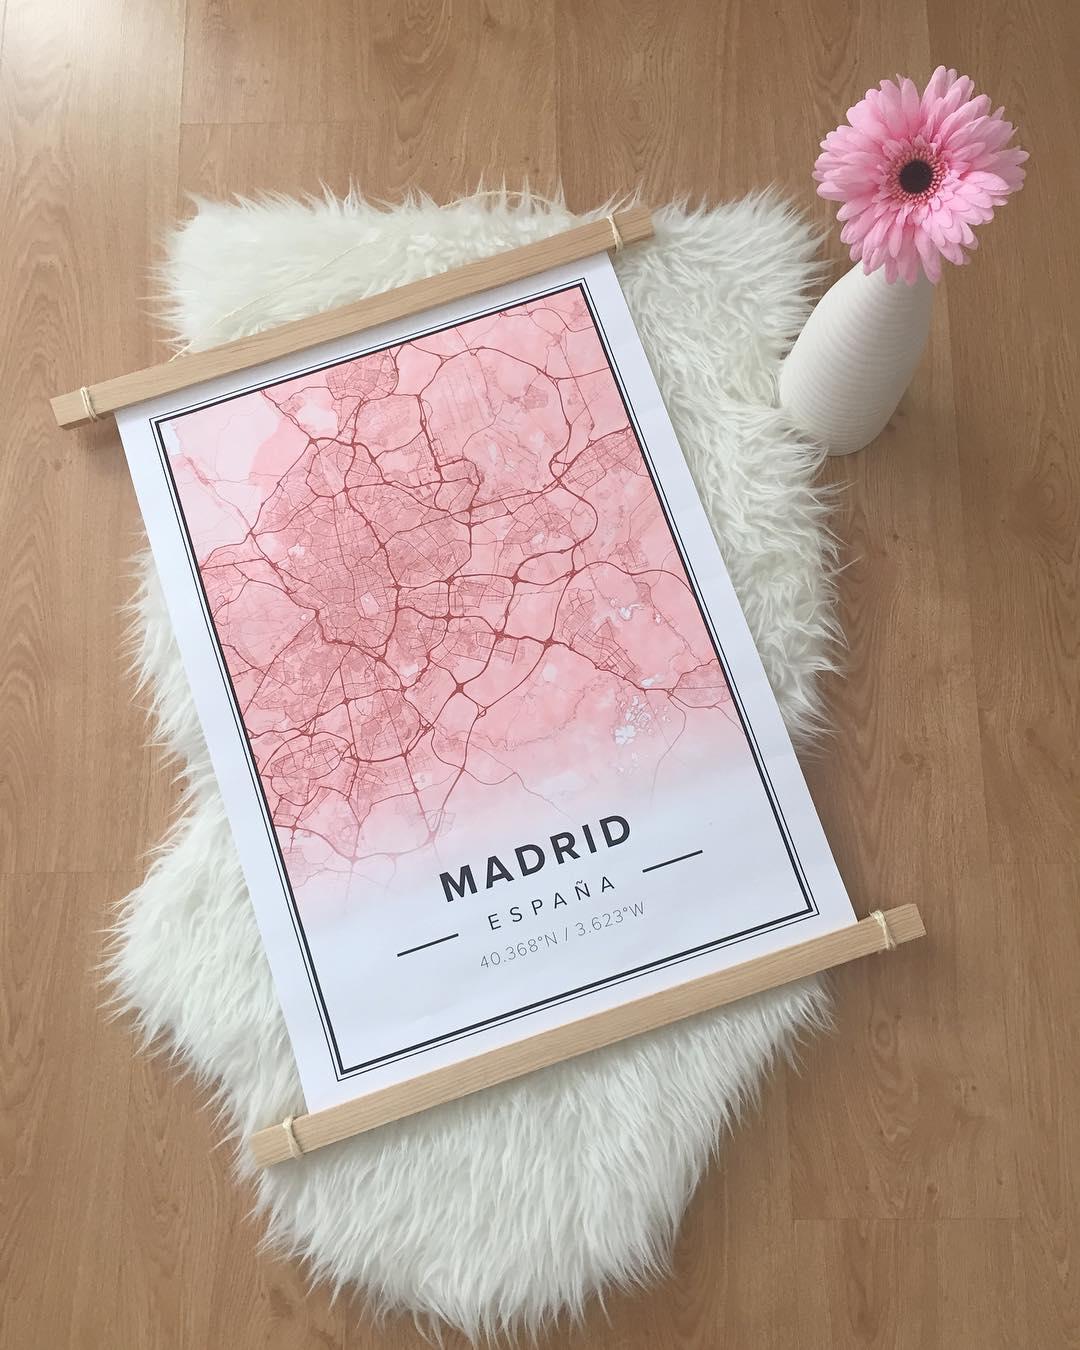 . Sabado . Vamos dizer que eu estou falando sobre Madrid . Eu amo meu mapa de @mapiful Existem ...